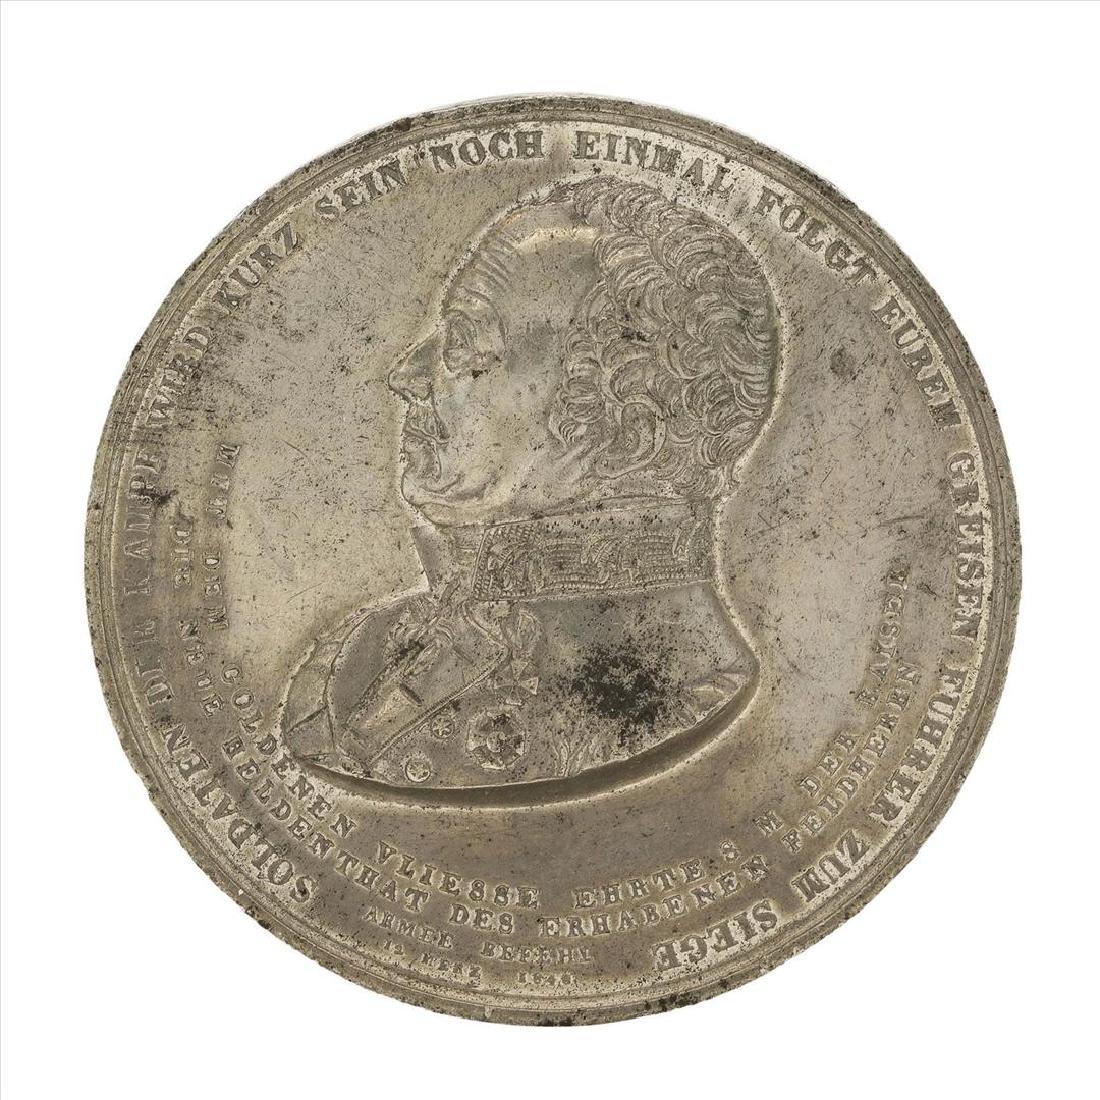 1849 Austria Golden Fleece Award Medal